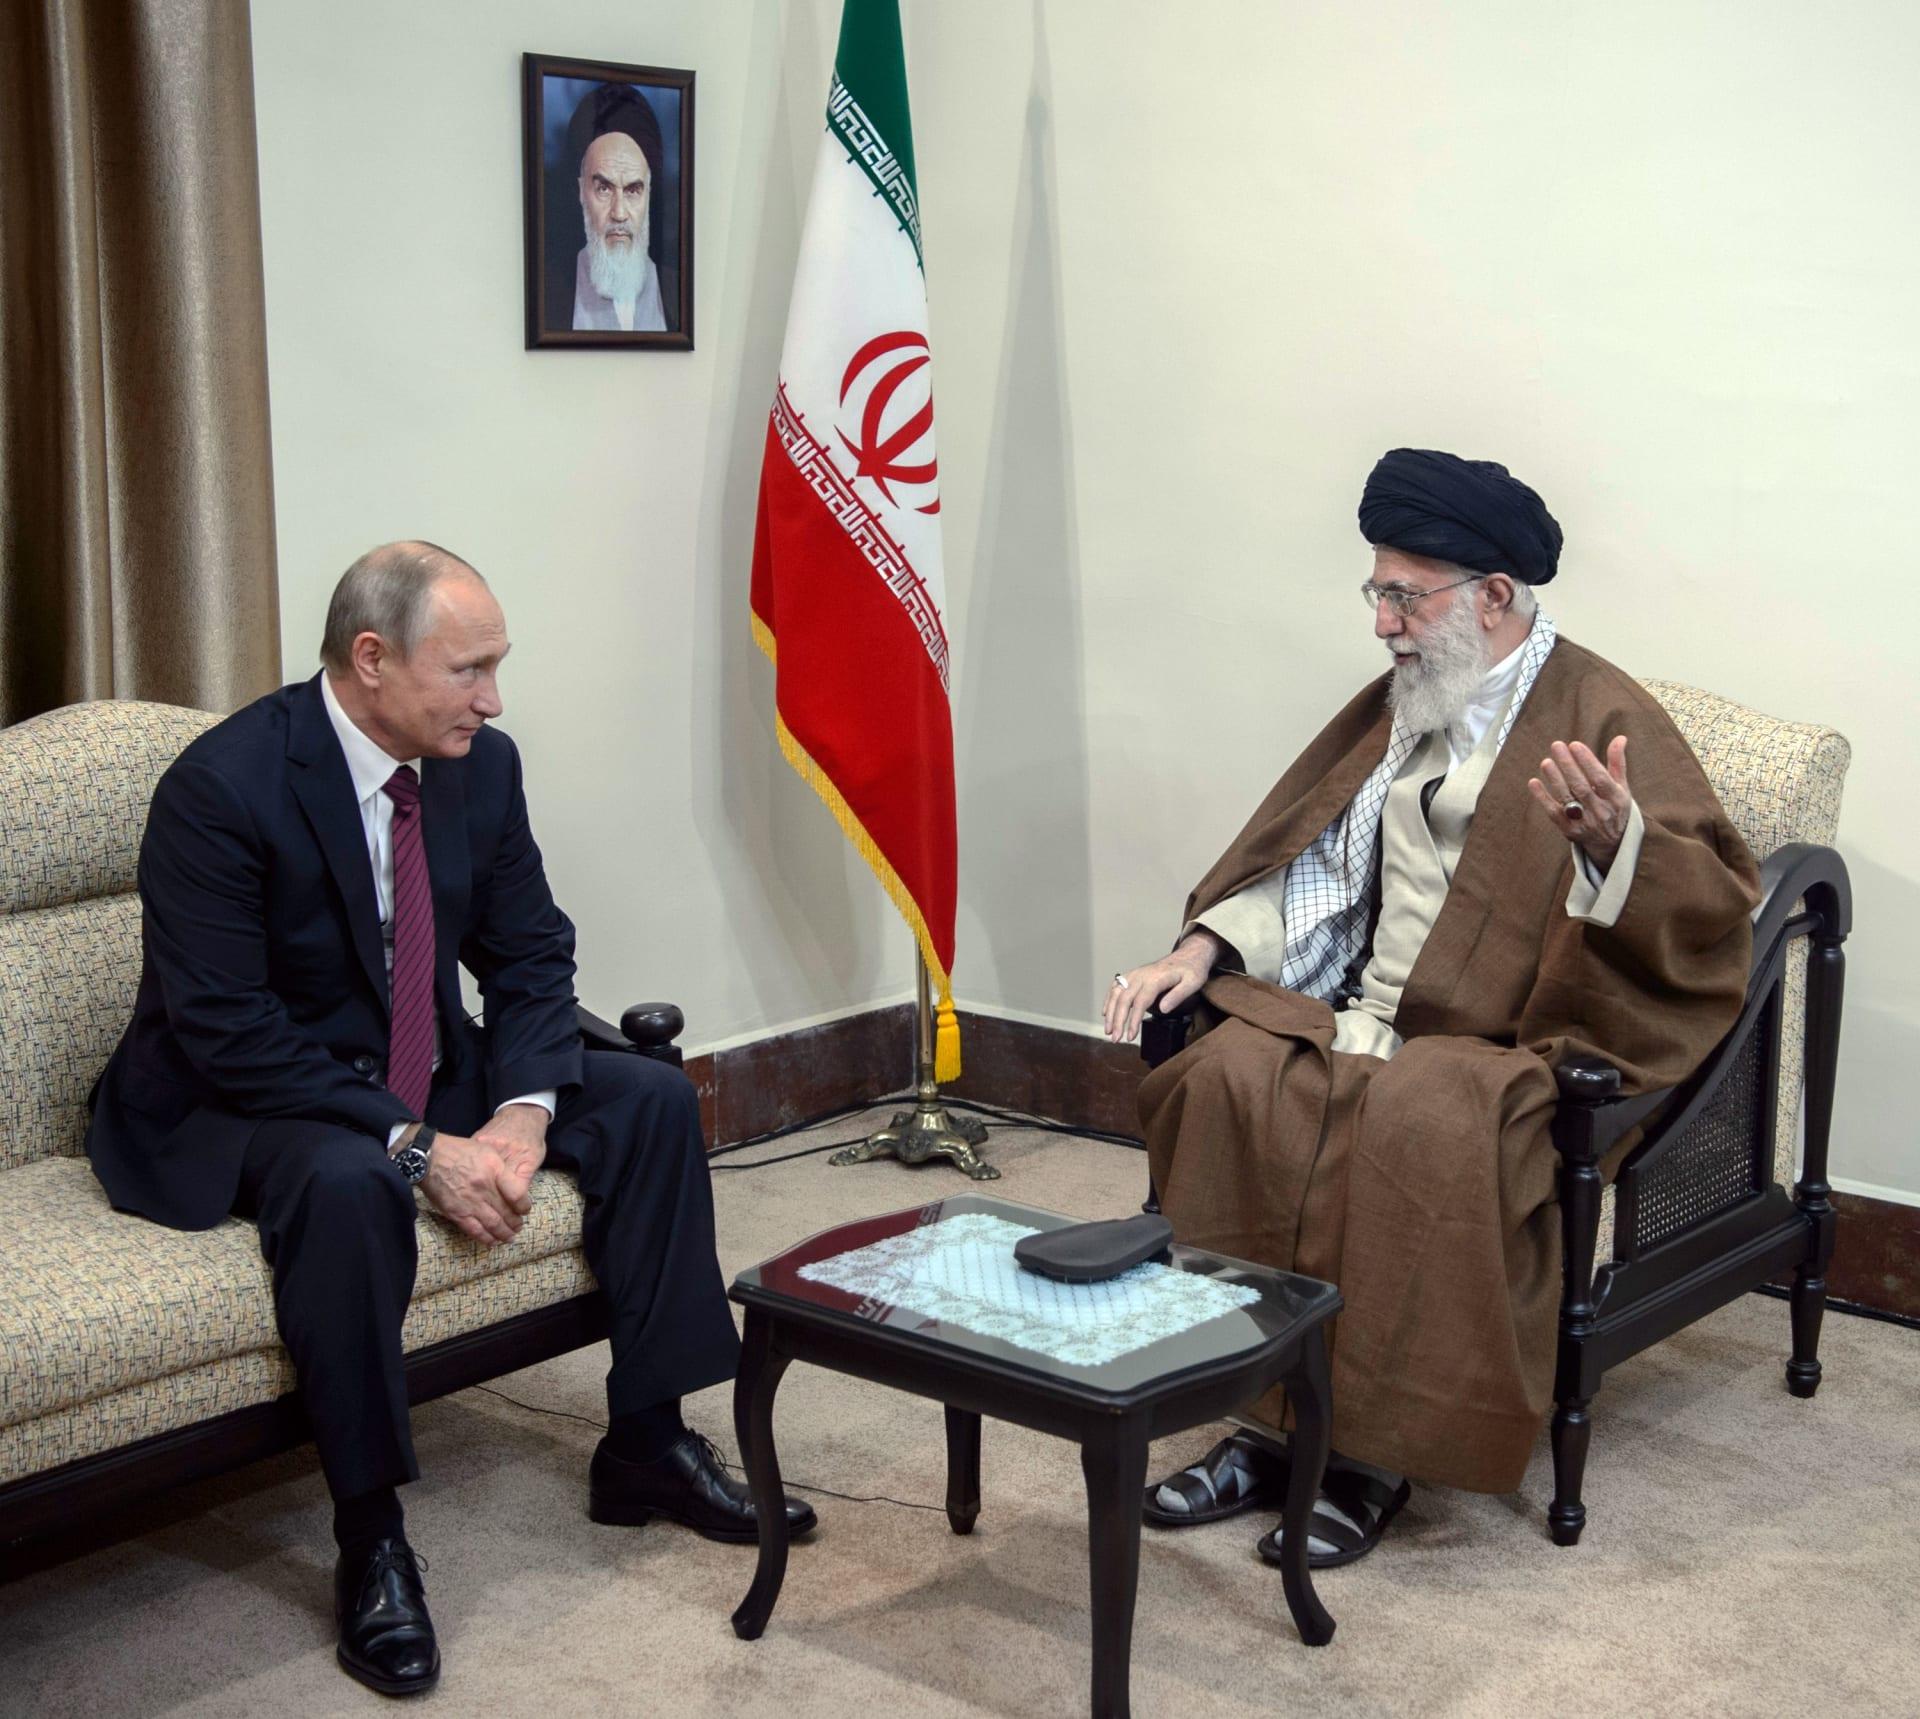 صورة أرشيفية من لقاء بين بوتين وخامنئي عام 2017